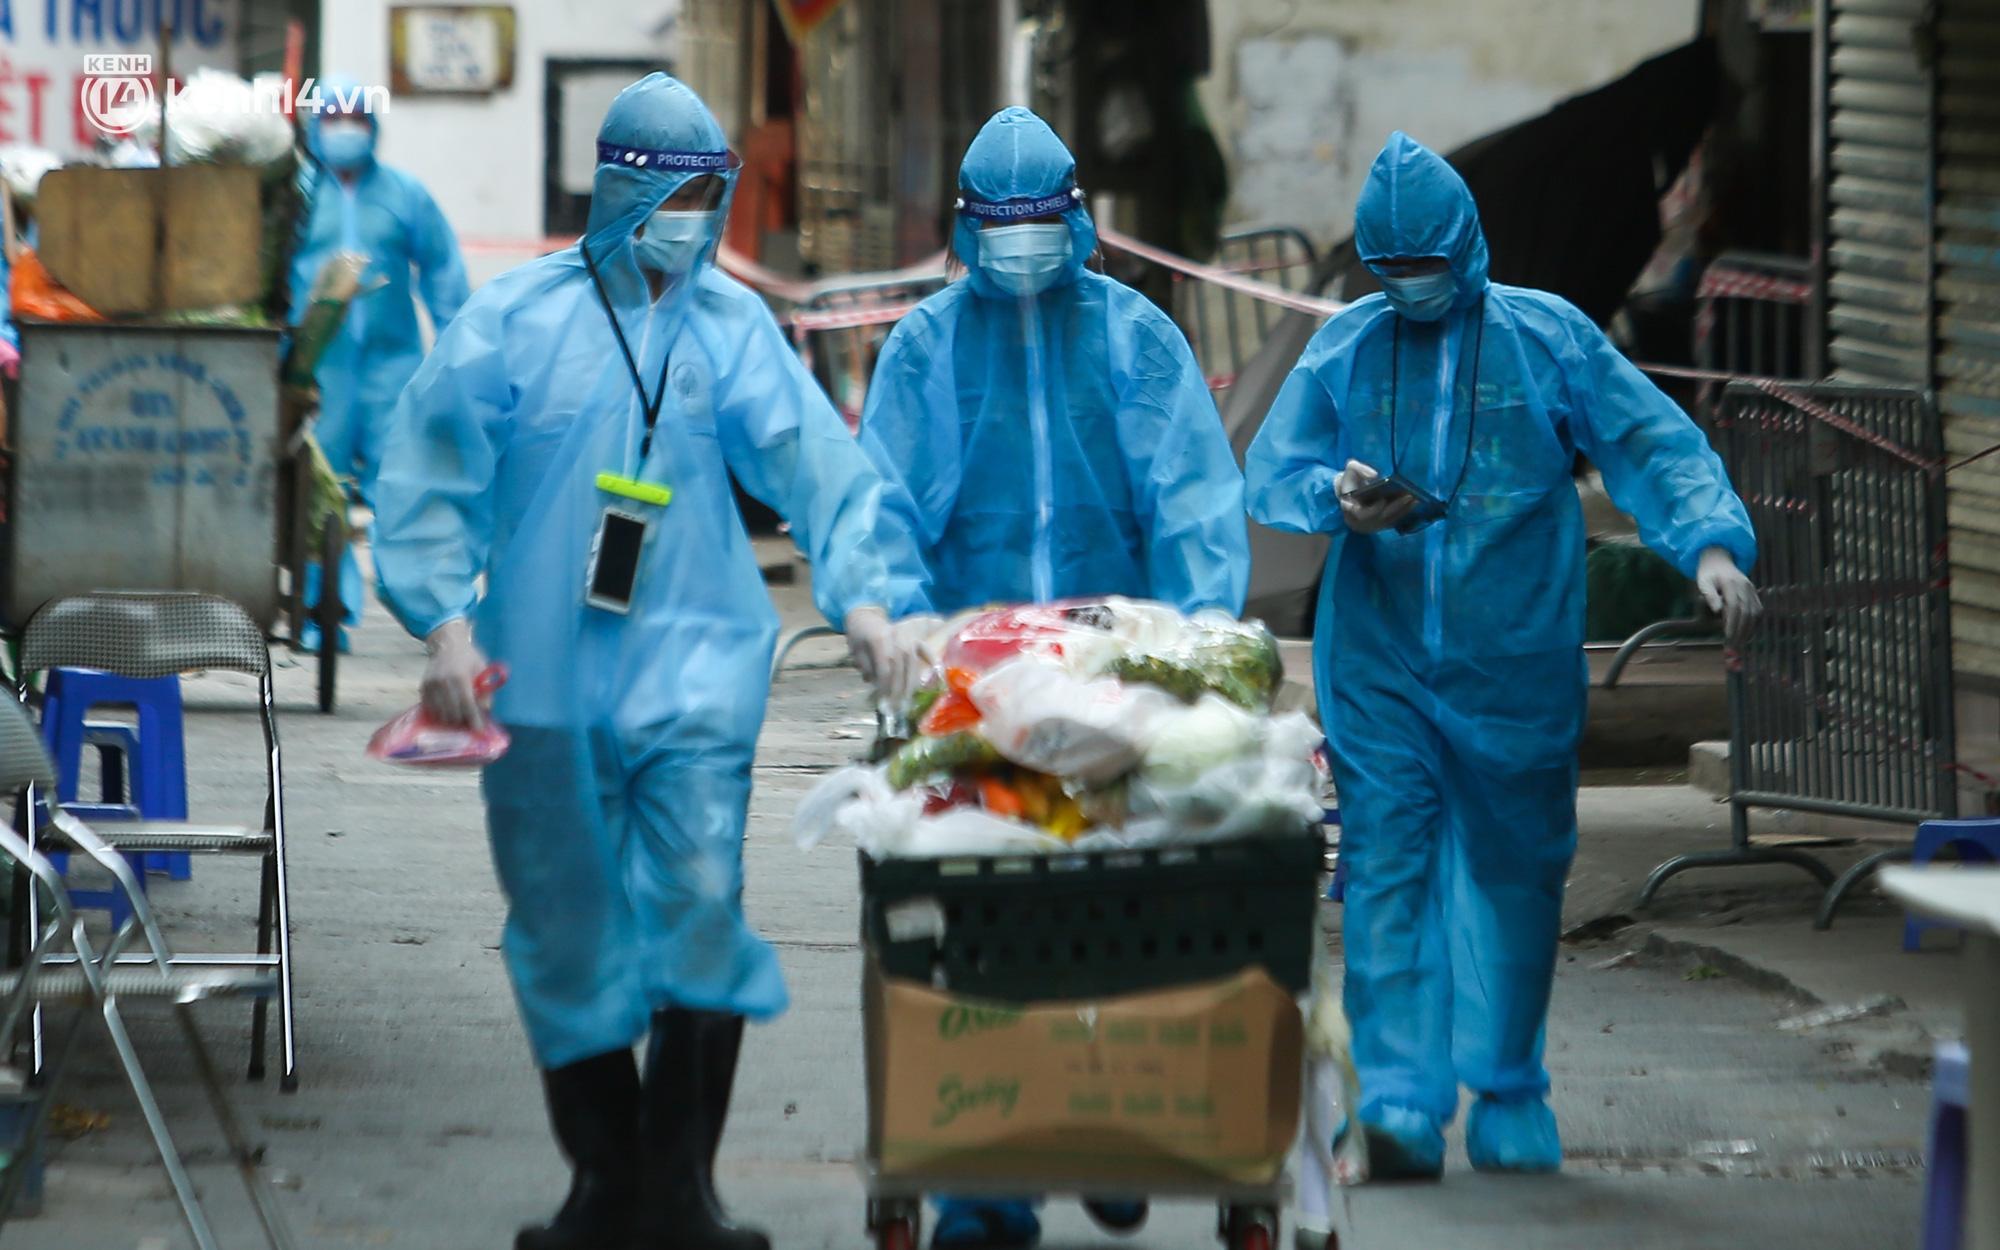 Hà Nội: Người phụ nữ dương tính SARS-CoV-2 sau khi kết thúc cách ly tập trung và về sống tạm tại quận Hà Đông